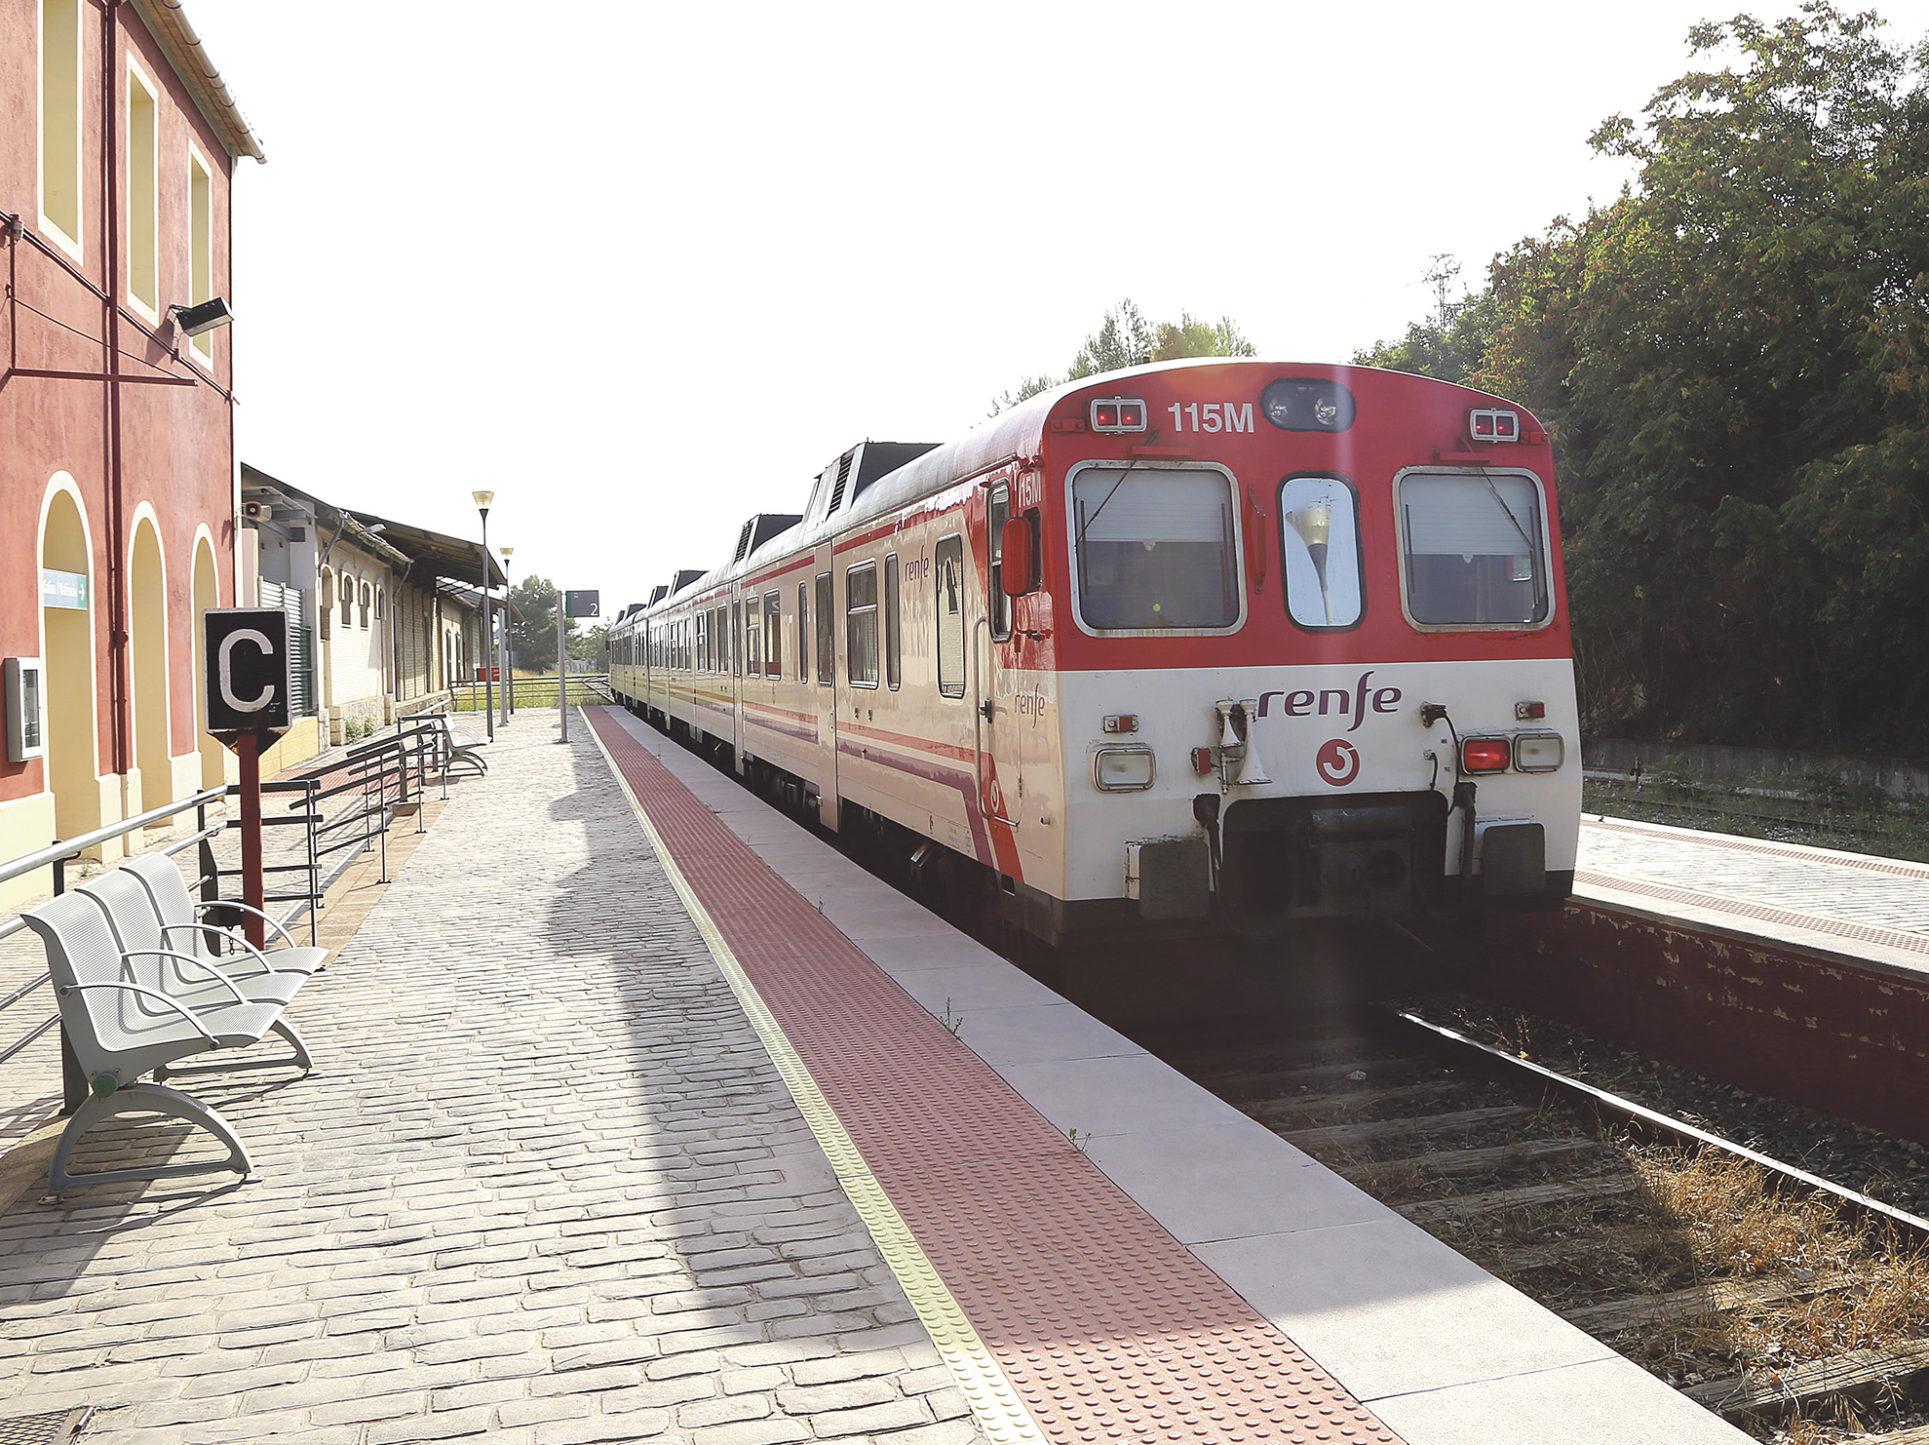 Ni un euro per a modernitzar la línia de tren fins a 2021 El Periòdic d'Ontinyent